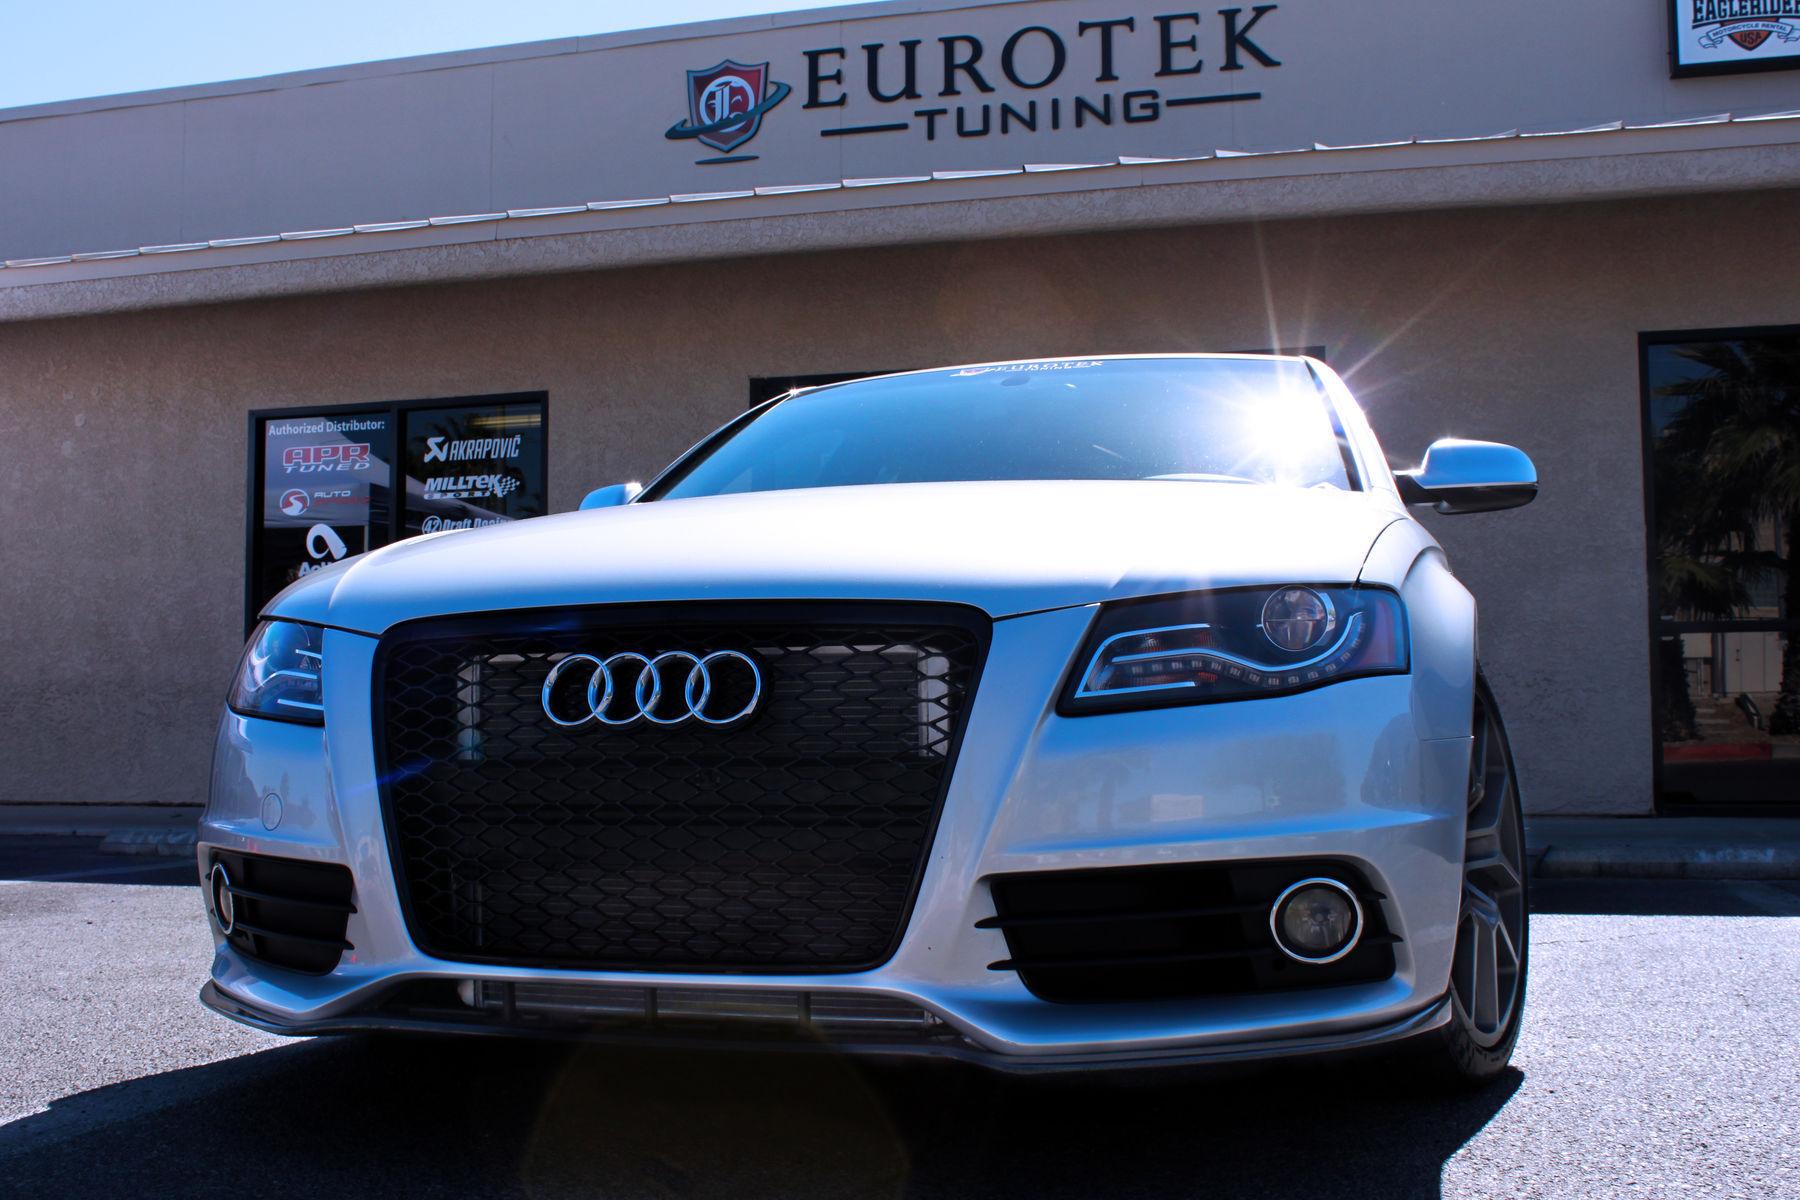 2011 Audi S4 | 2011 Audi S4